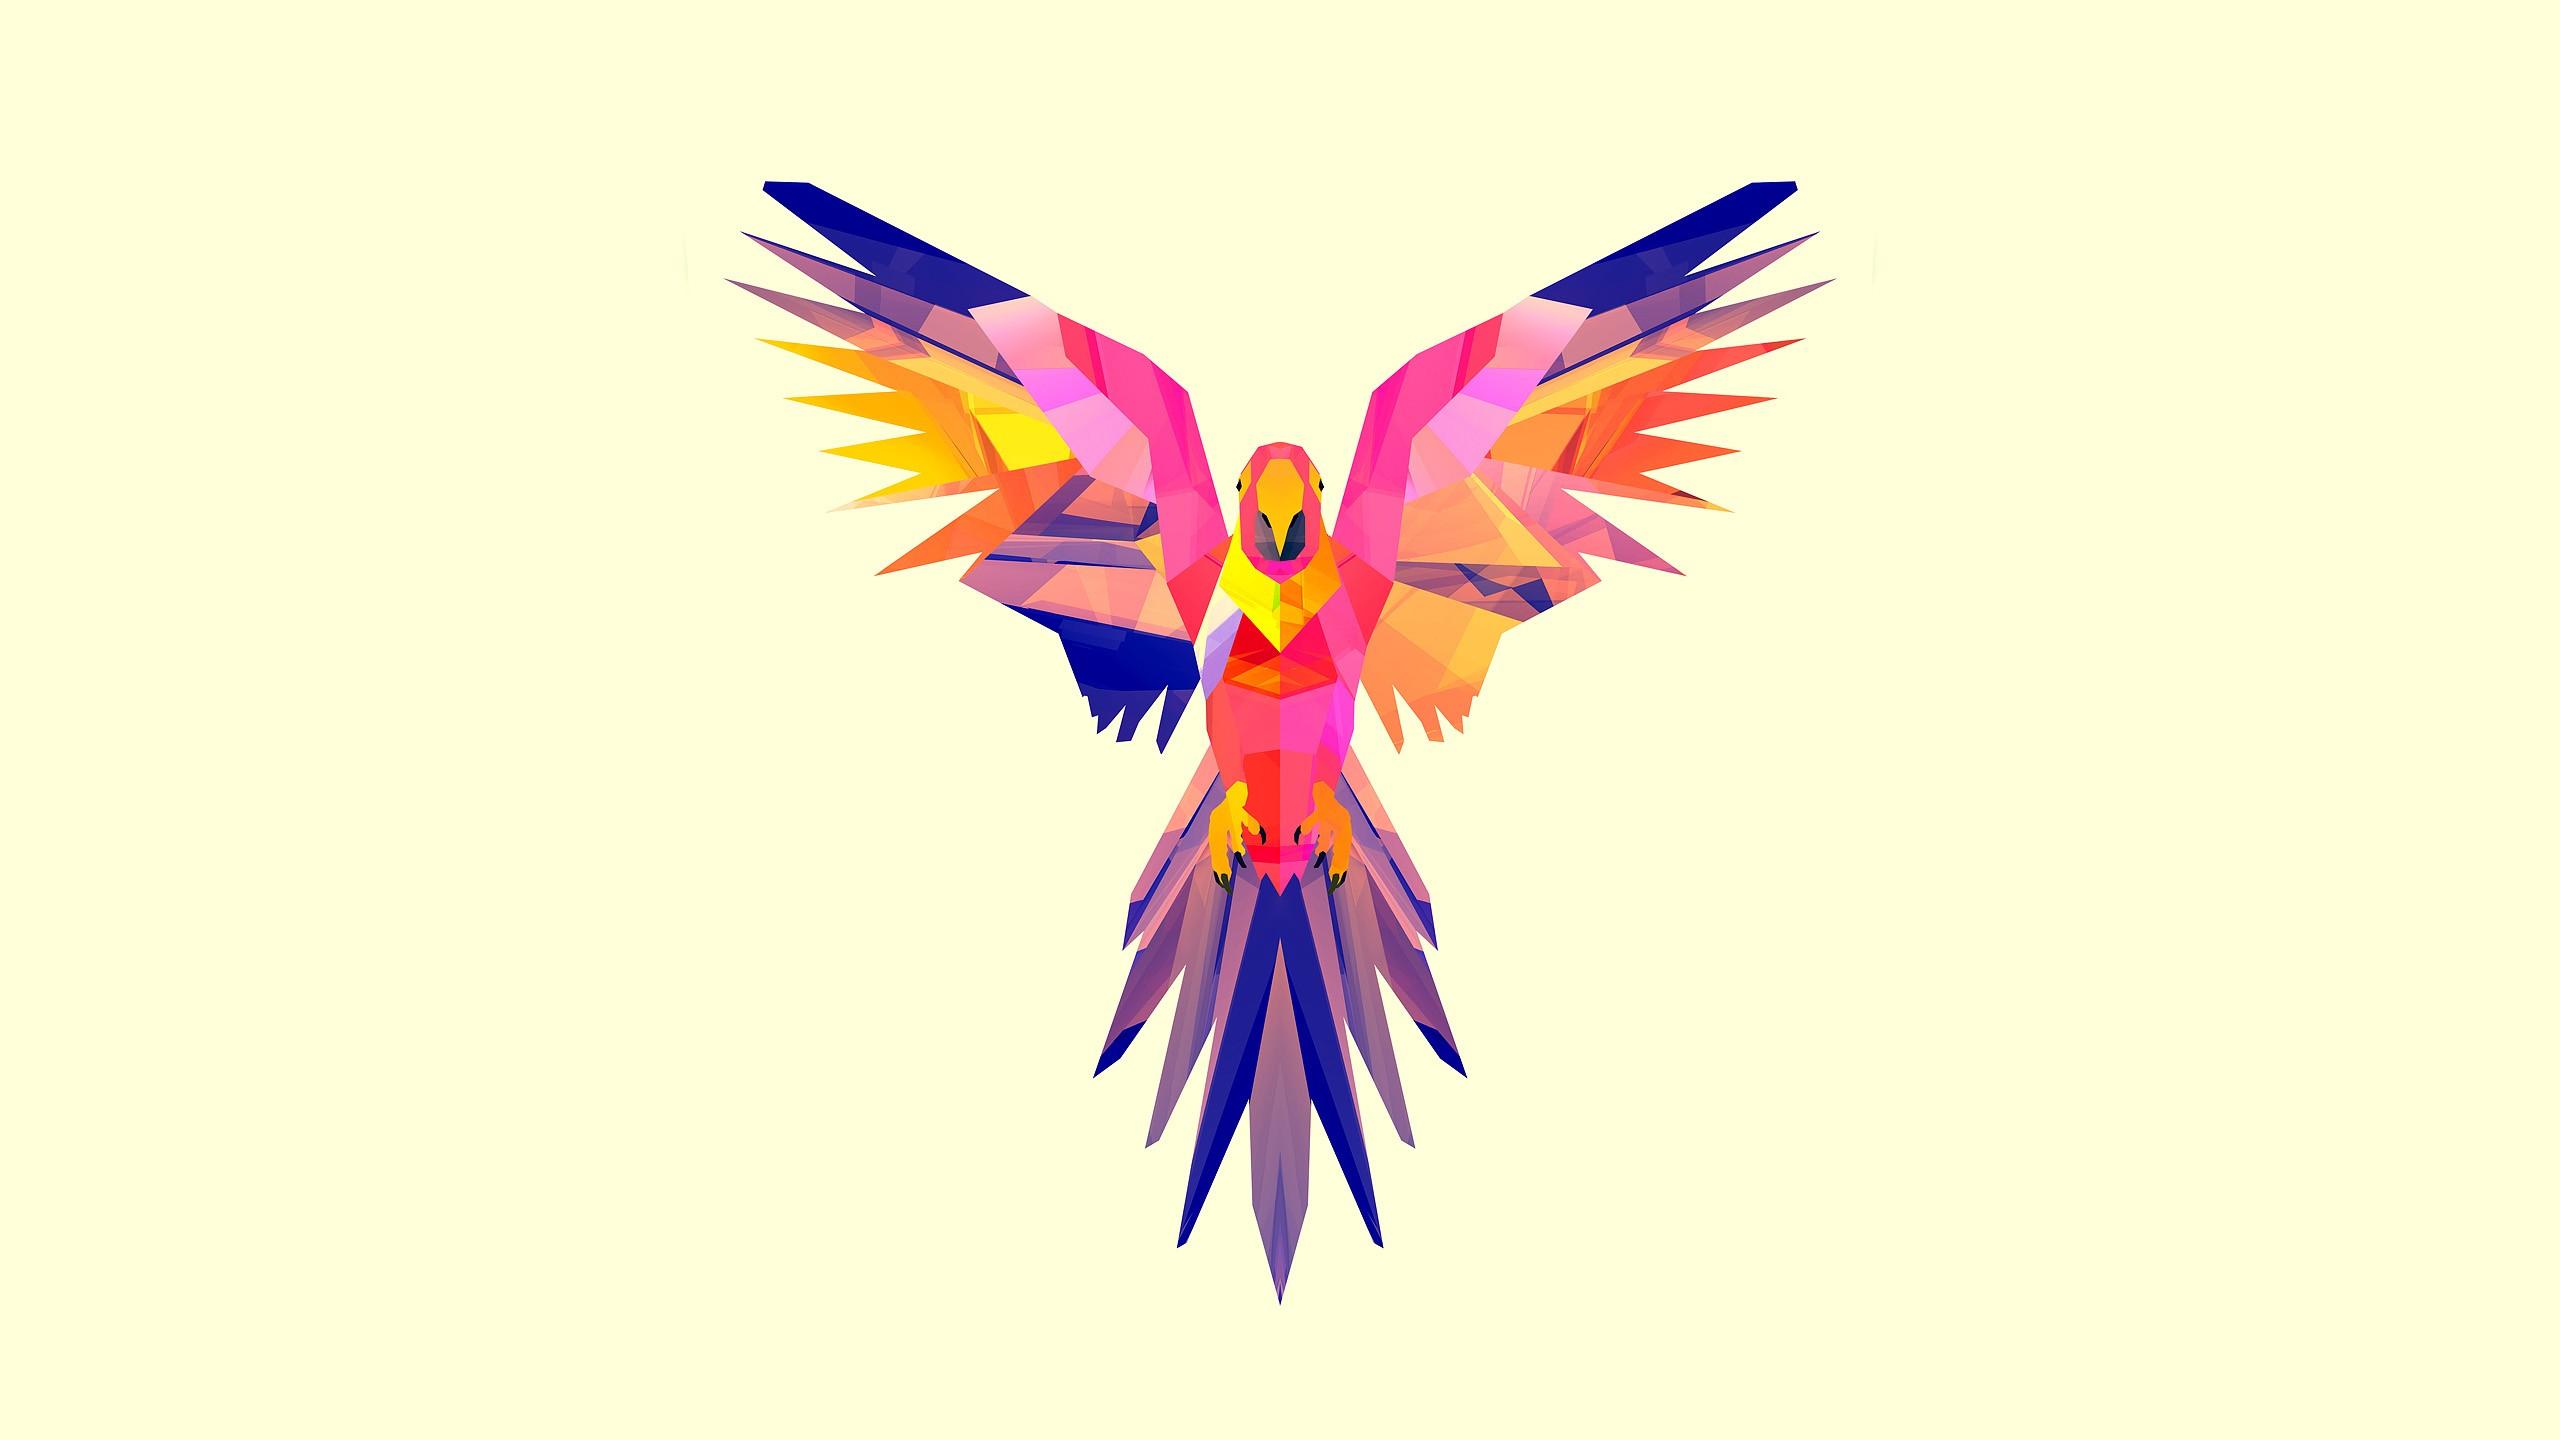 Illustration Digital Art Animals Parrot Facets Justin Maller Eagle Bird Macaw Wing